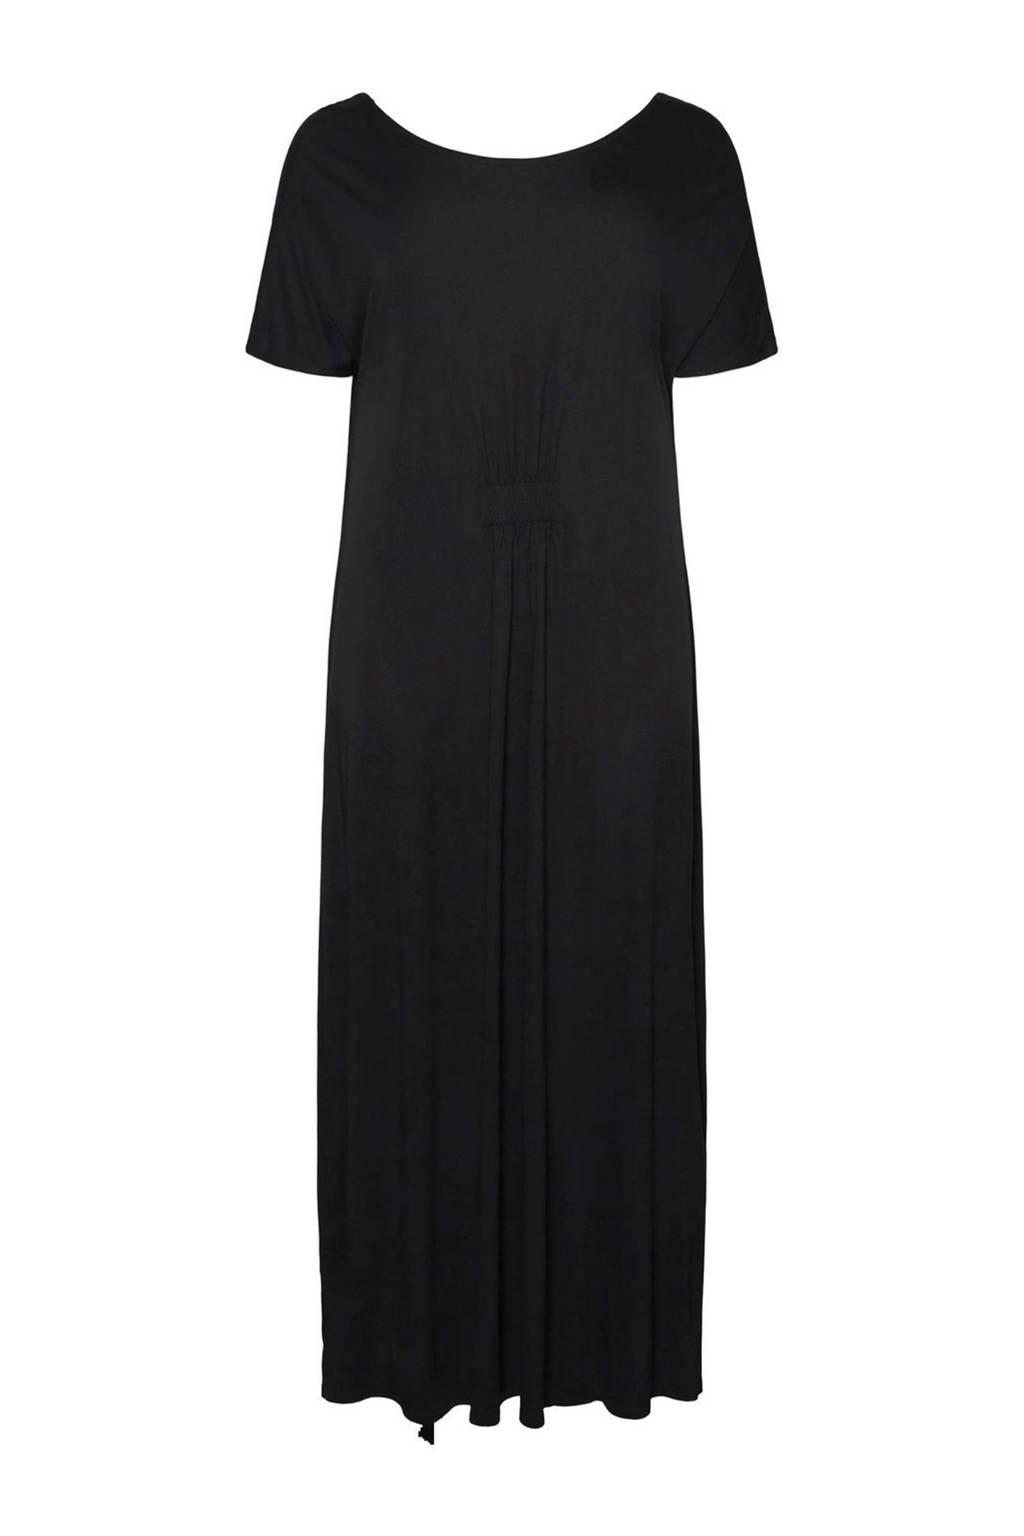 VERO MODA CURVE jurk met plooien zwart, Zwart